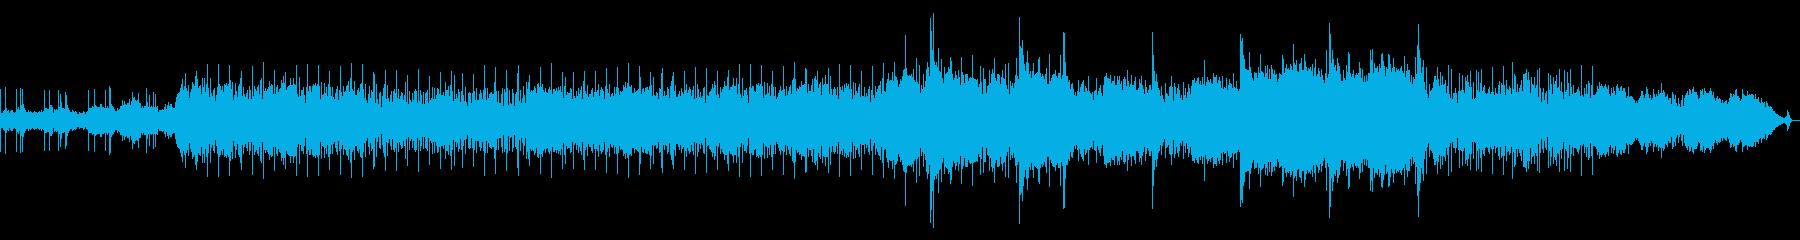 アジア 説明的 静か ハイテク エ...の再生済みの波形